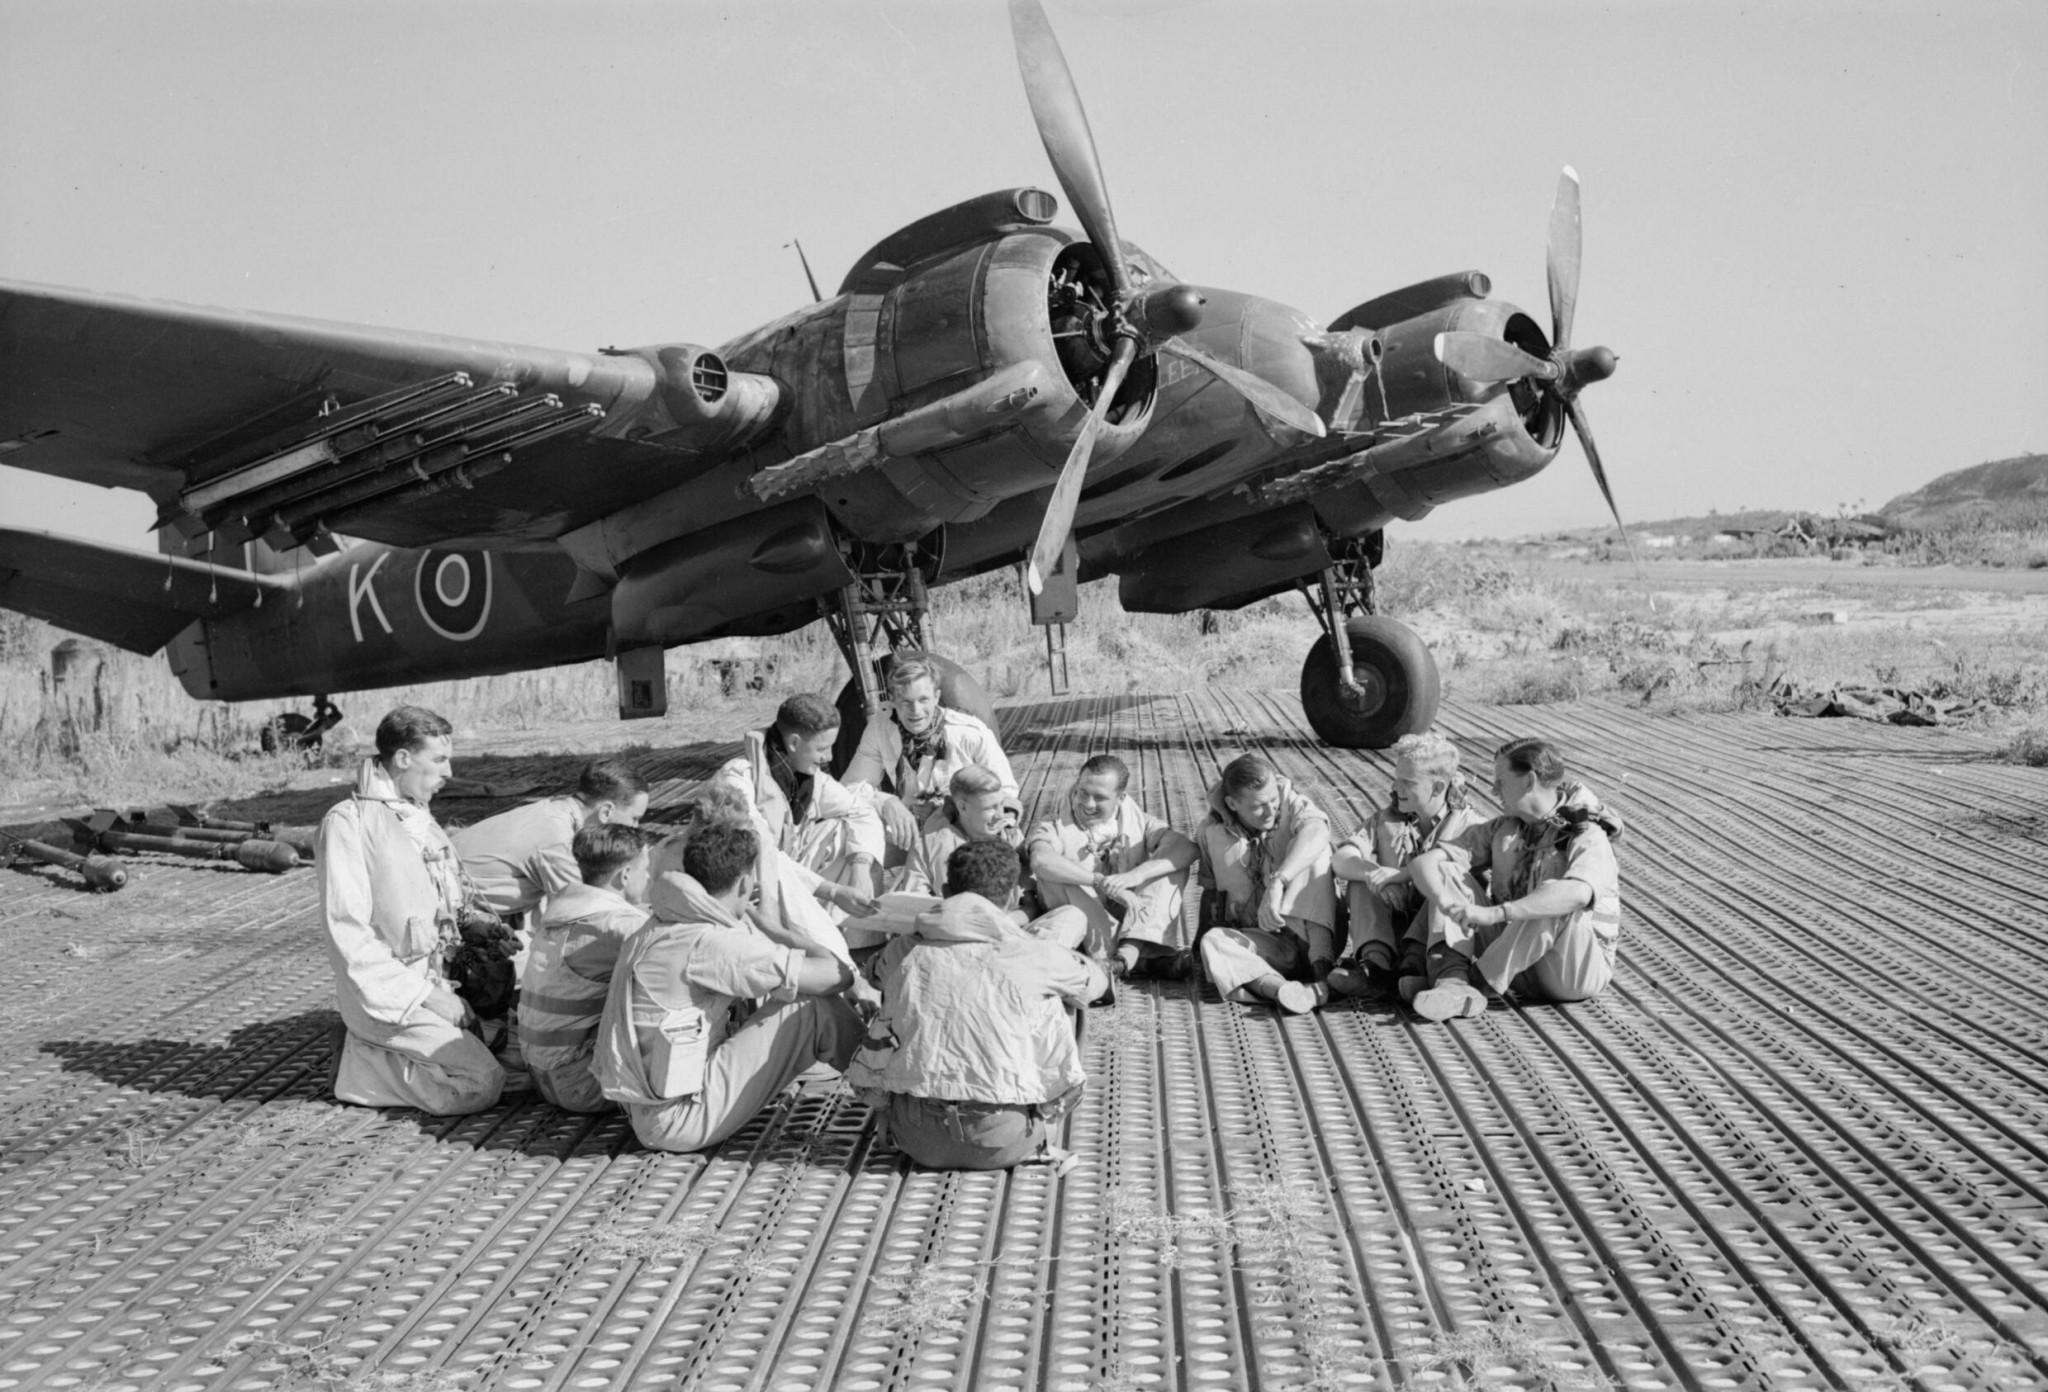 Historische Aufnahme von Marston Mats (Luftlandeblechen) im Einsatz